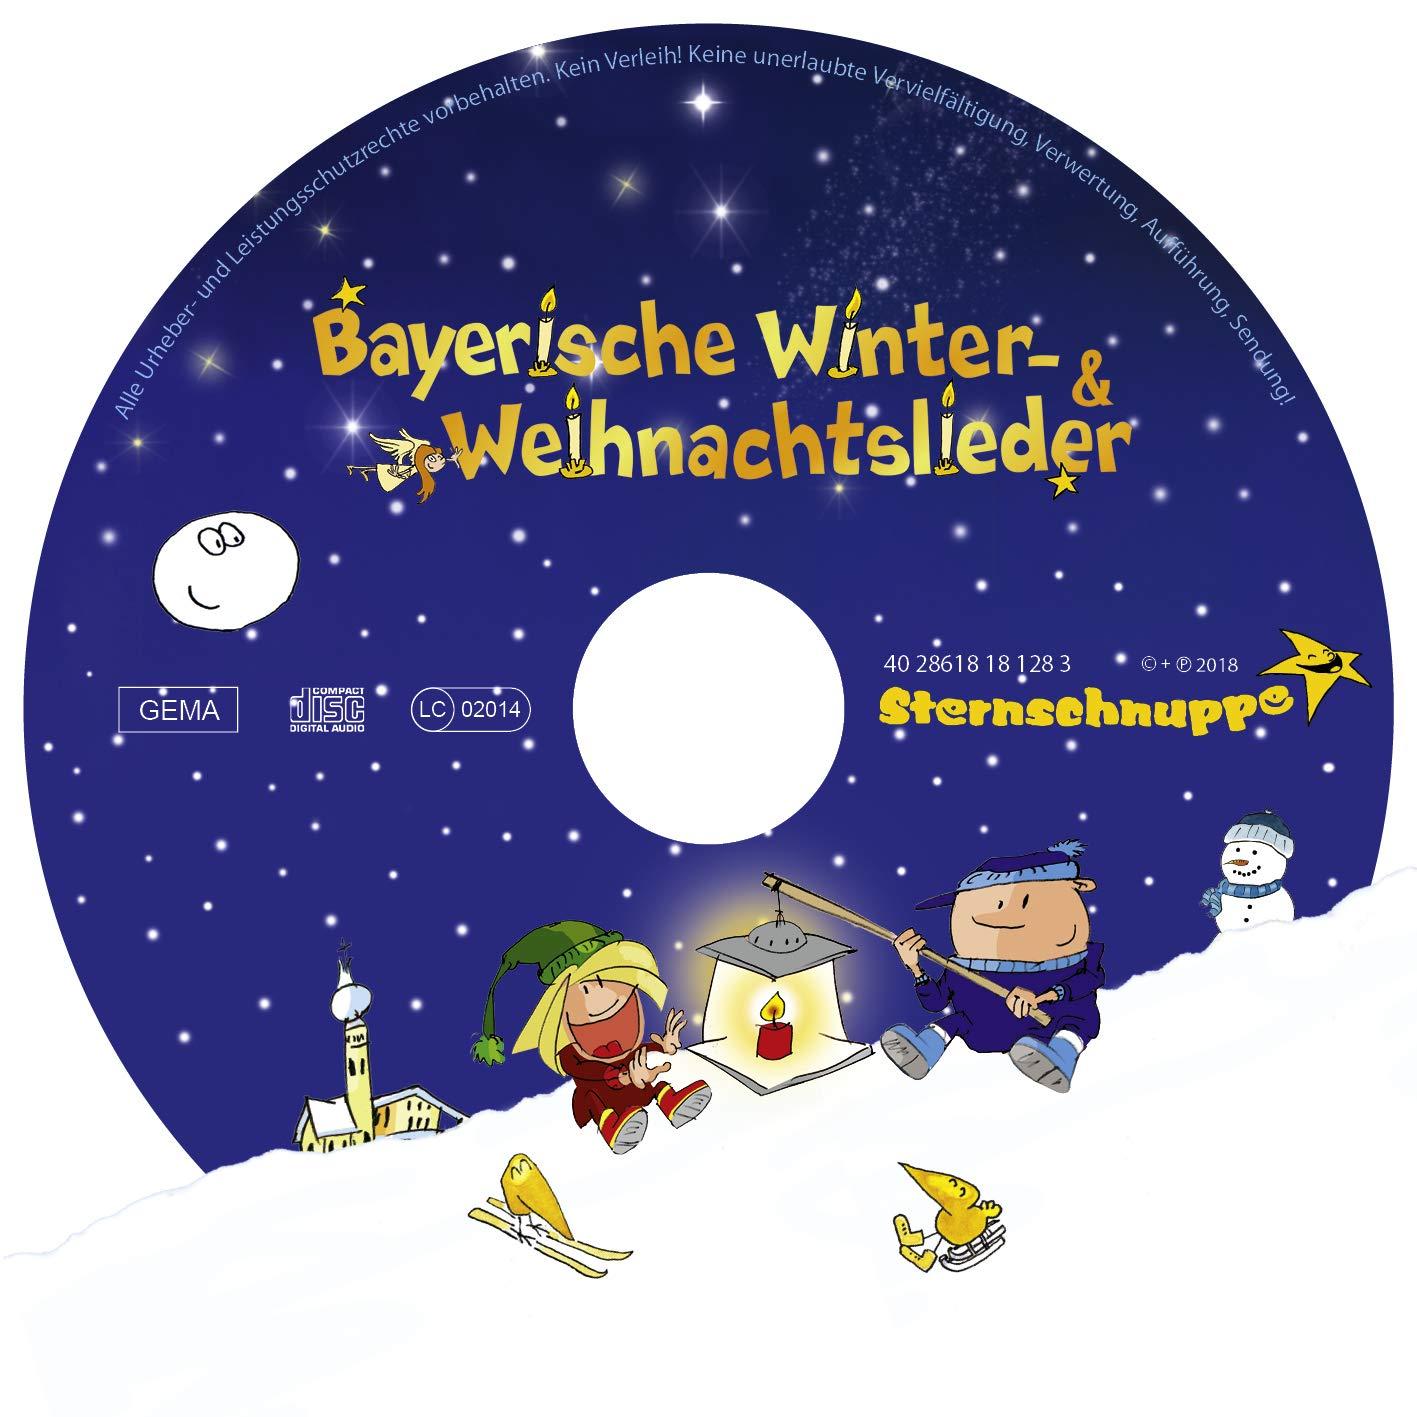 Bayerische Winter- und Weihnachtslieder - Sternschnuppe: Amazon.de ...